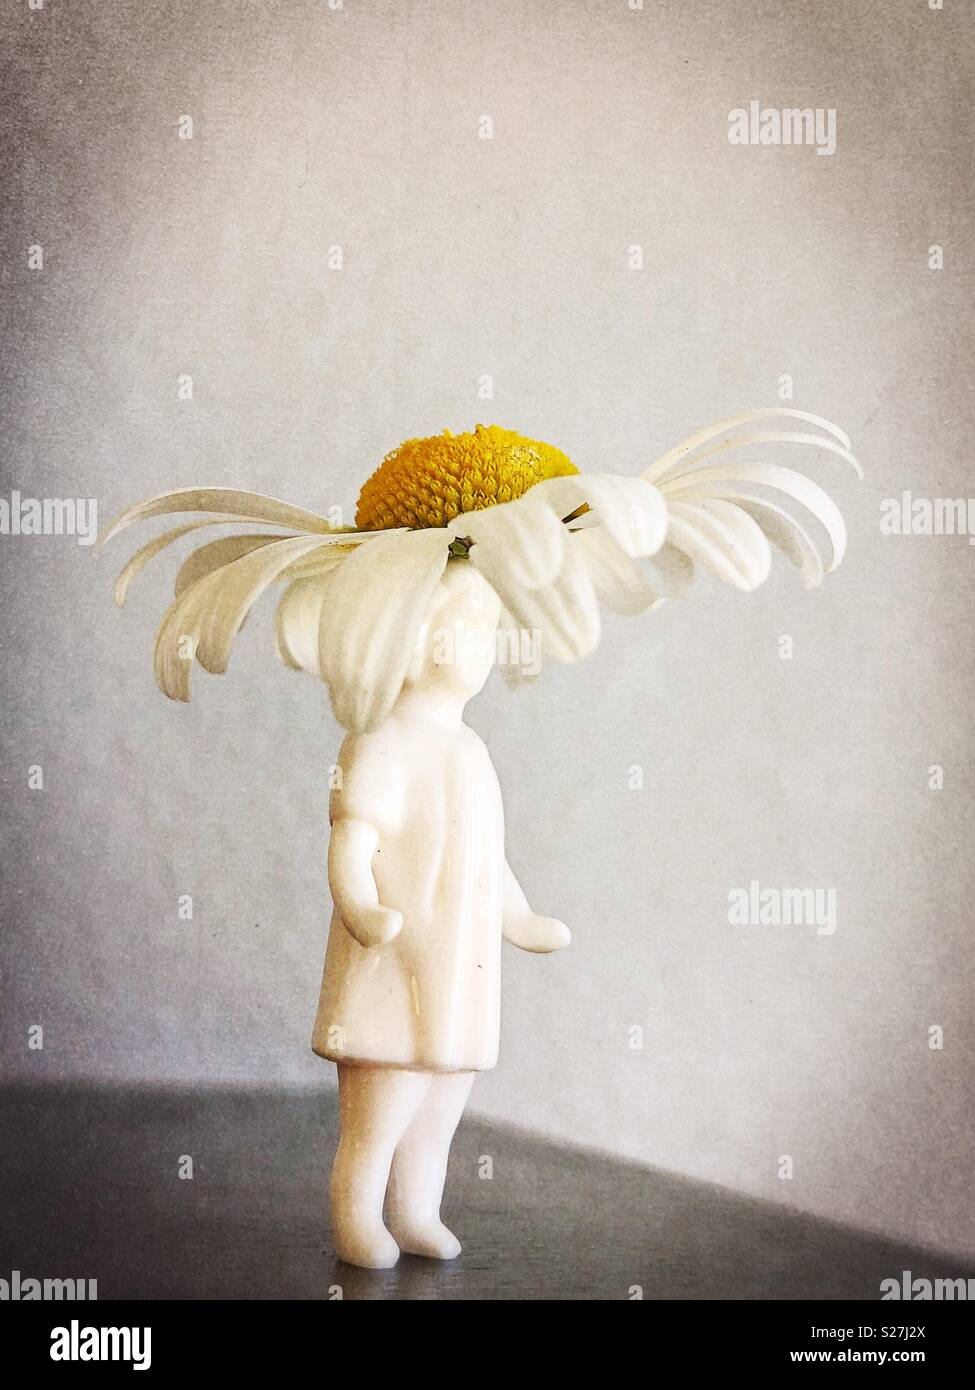 Figurilla de una niña con sombrero de margarita. Imagen De Stock